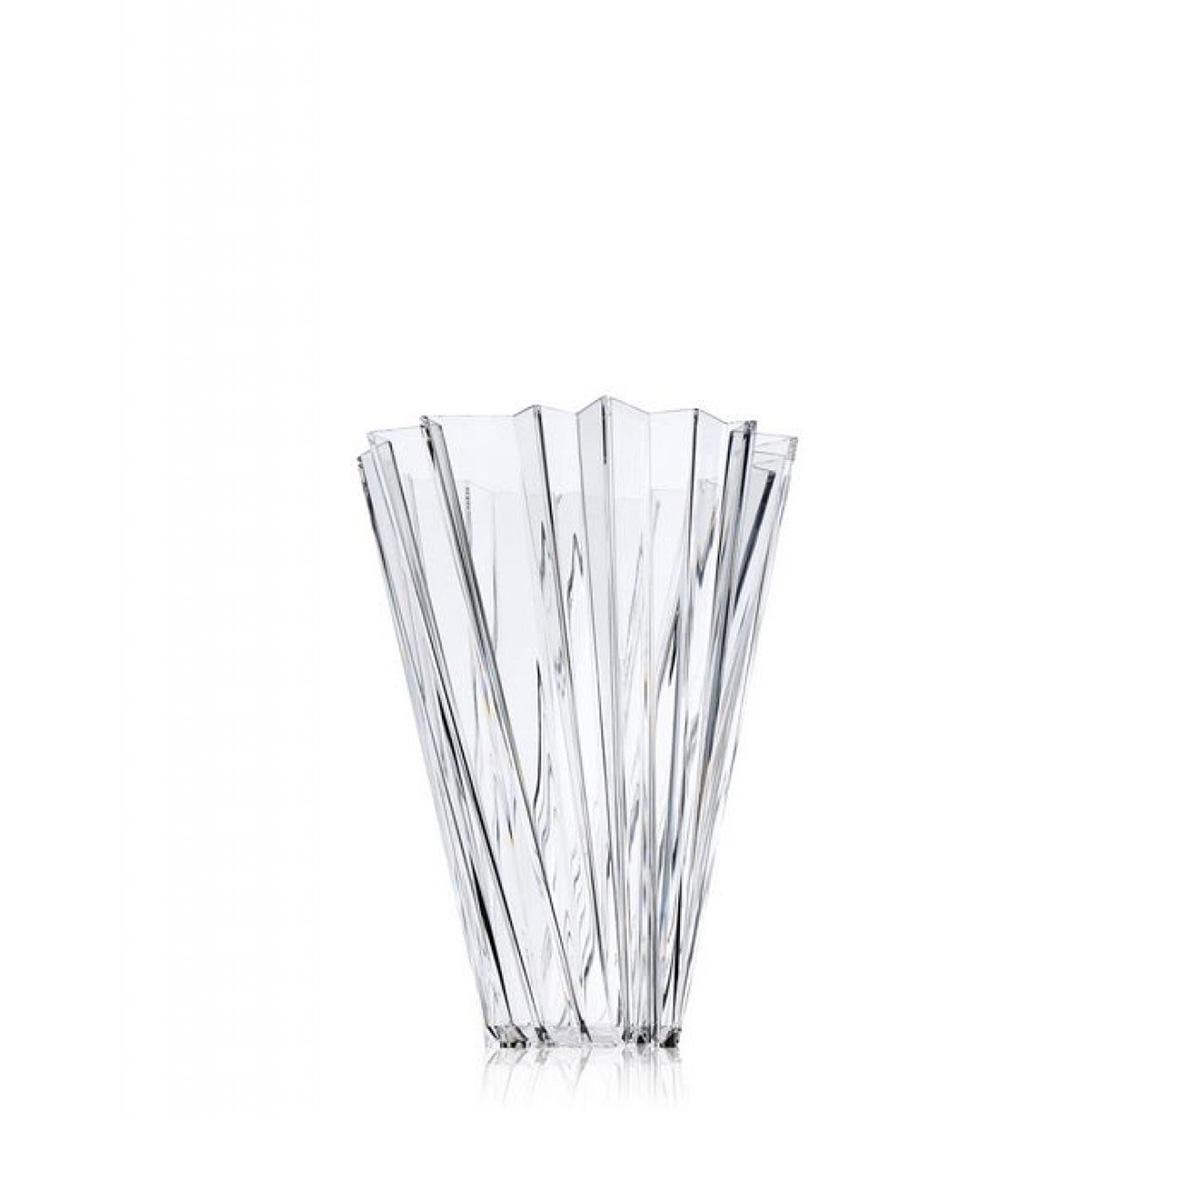 Vaza Shanghai 1229/B4 kristal